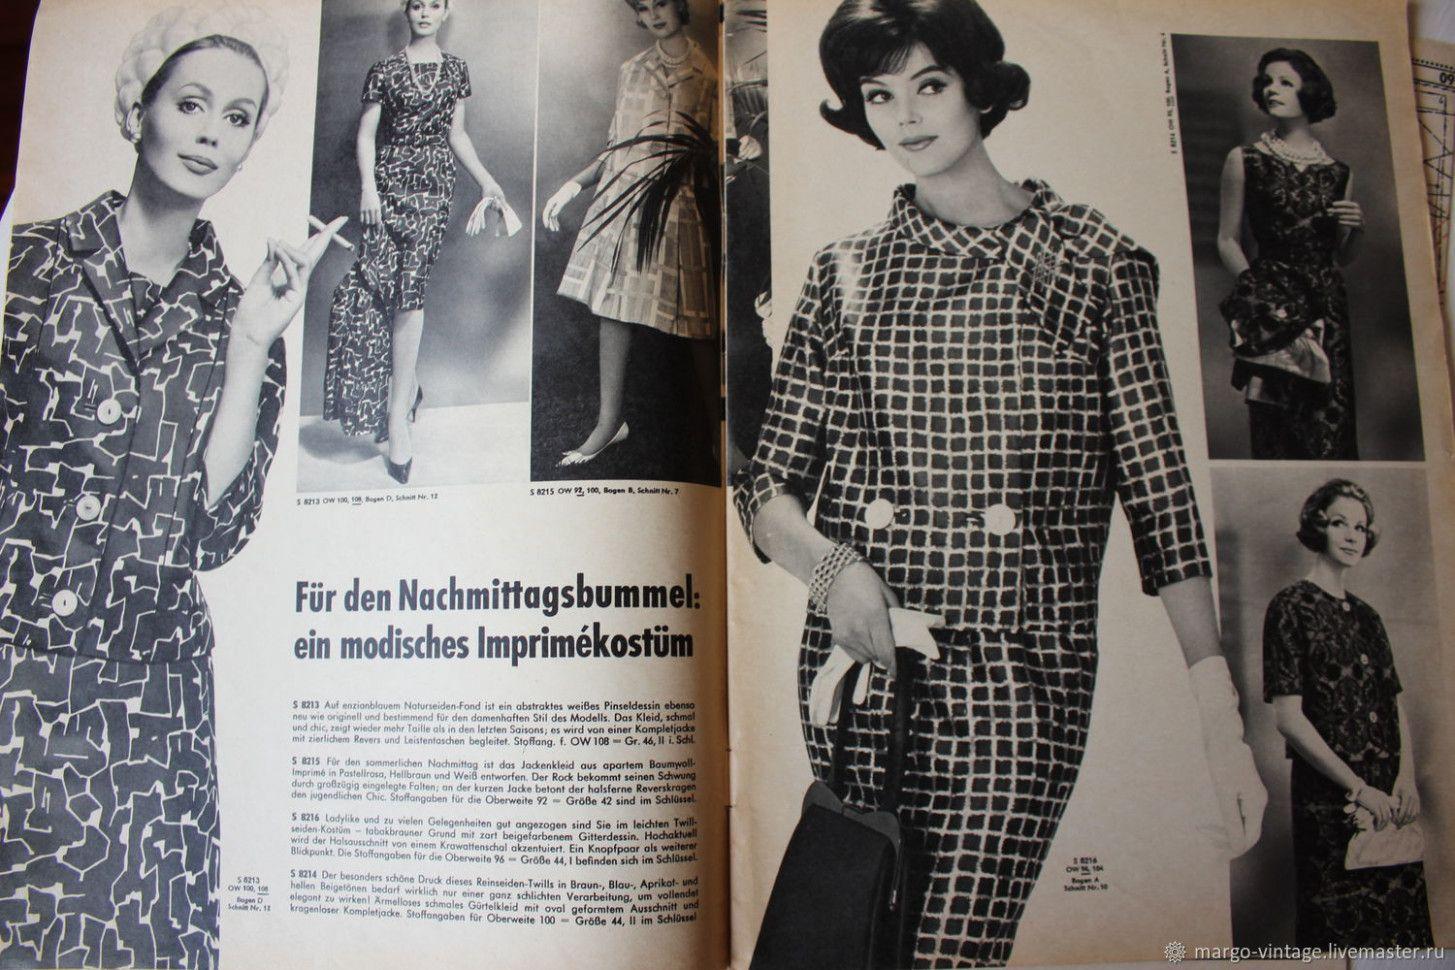 11 Elegante Kleider Grosse 46 In 2020 Elegante Kleider Kleider Grosse 46 Kleider